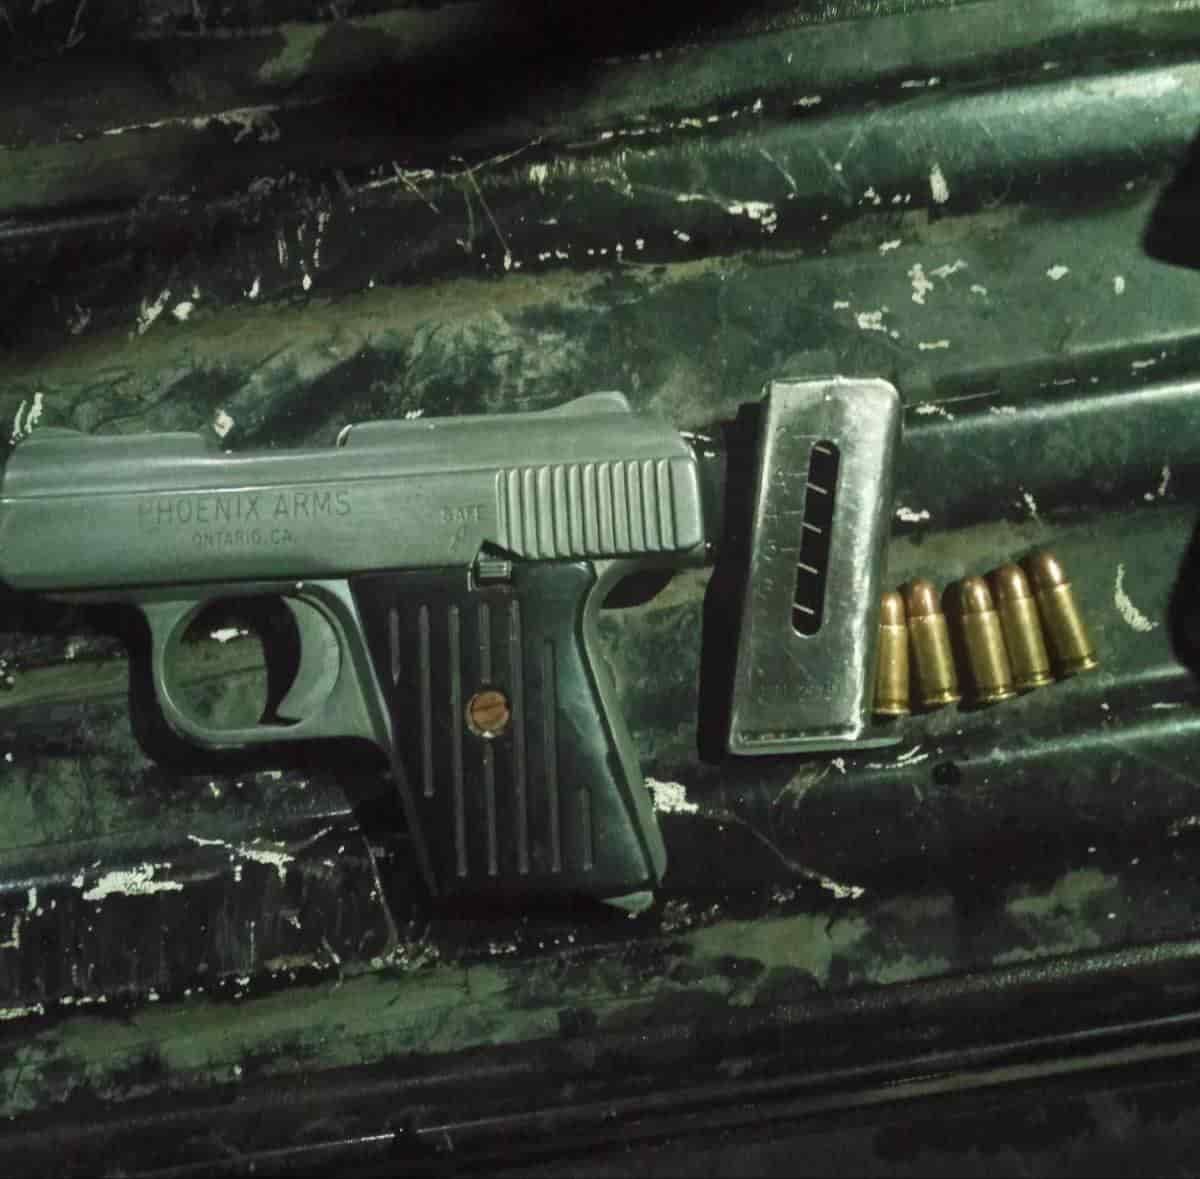 Arrestaron al conductor tras encontrarle un arma de fuego con varios cartuchos